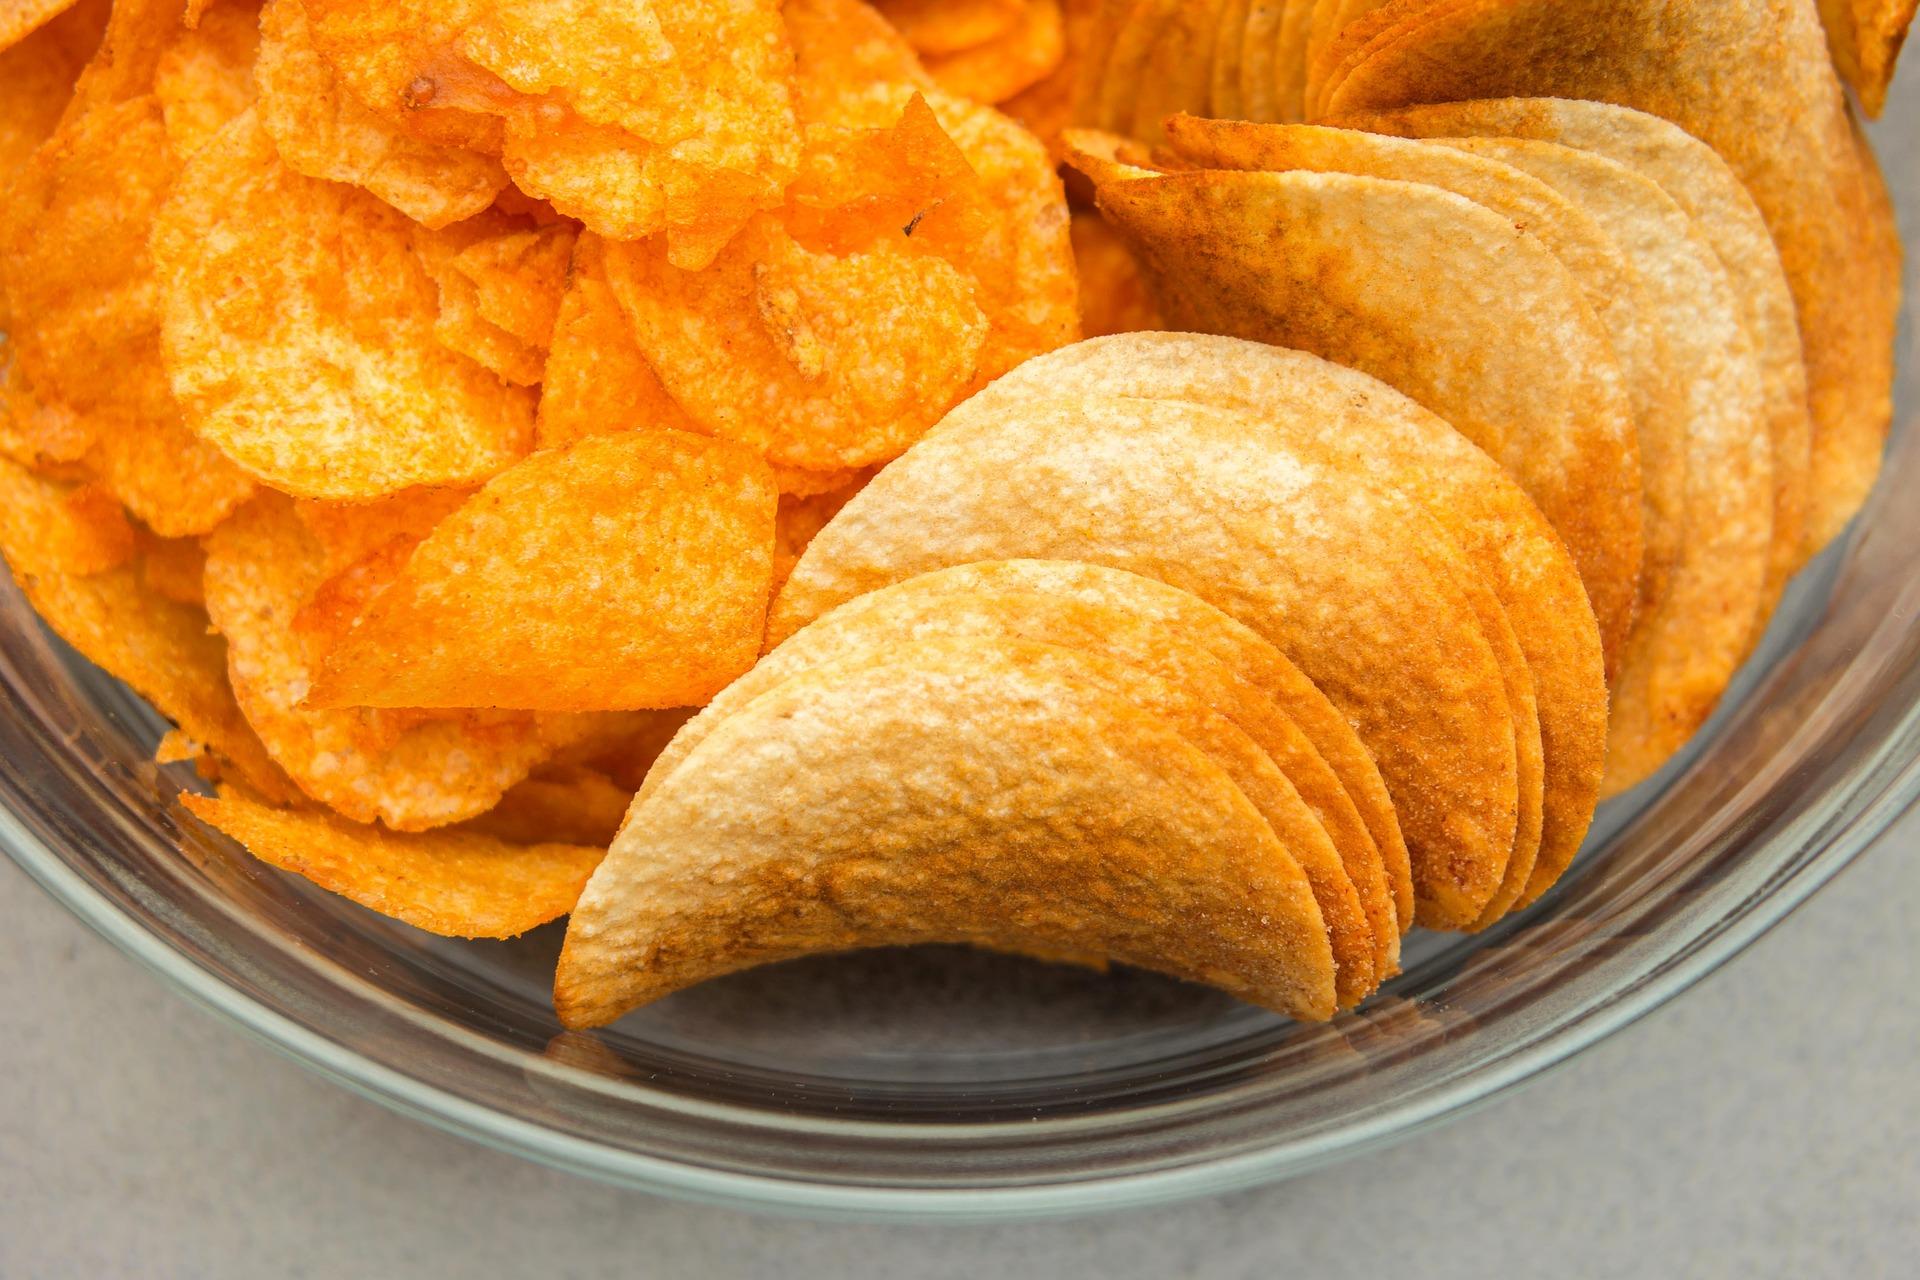 Pequeños hábitos alimenticios que pueden dañar tu salud